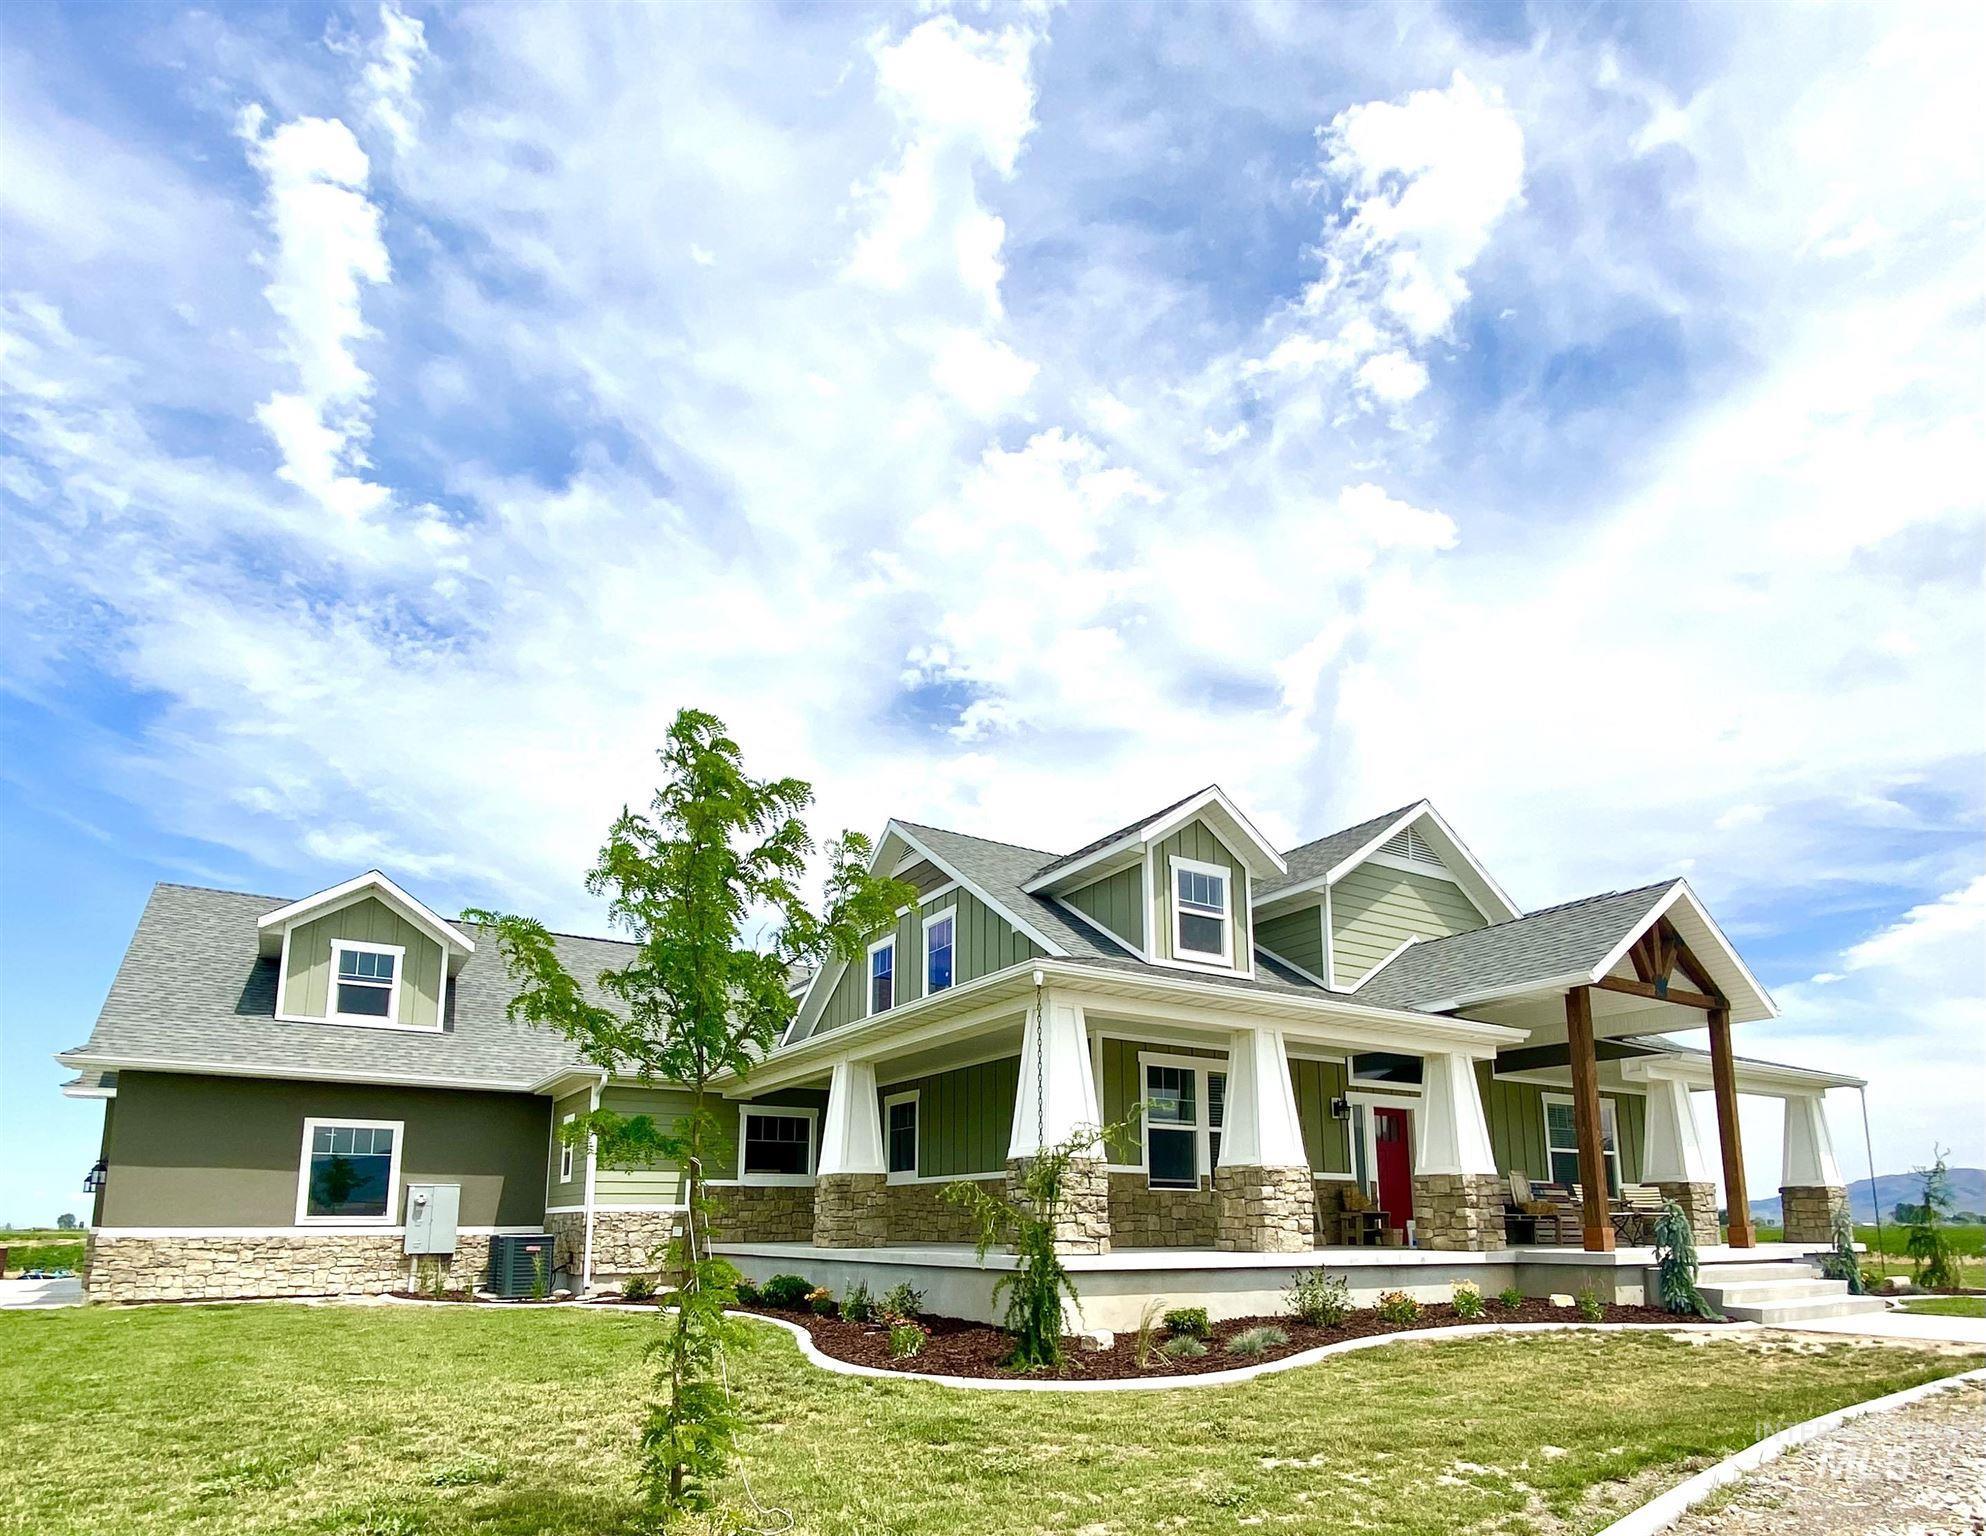 600 S 400 E Property Photo